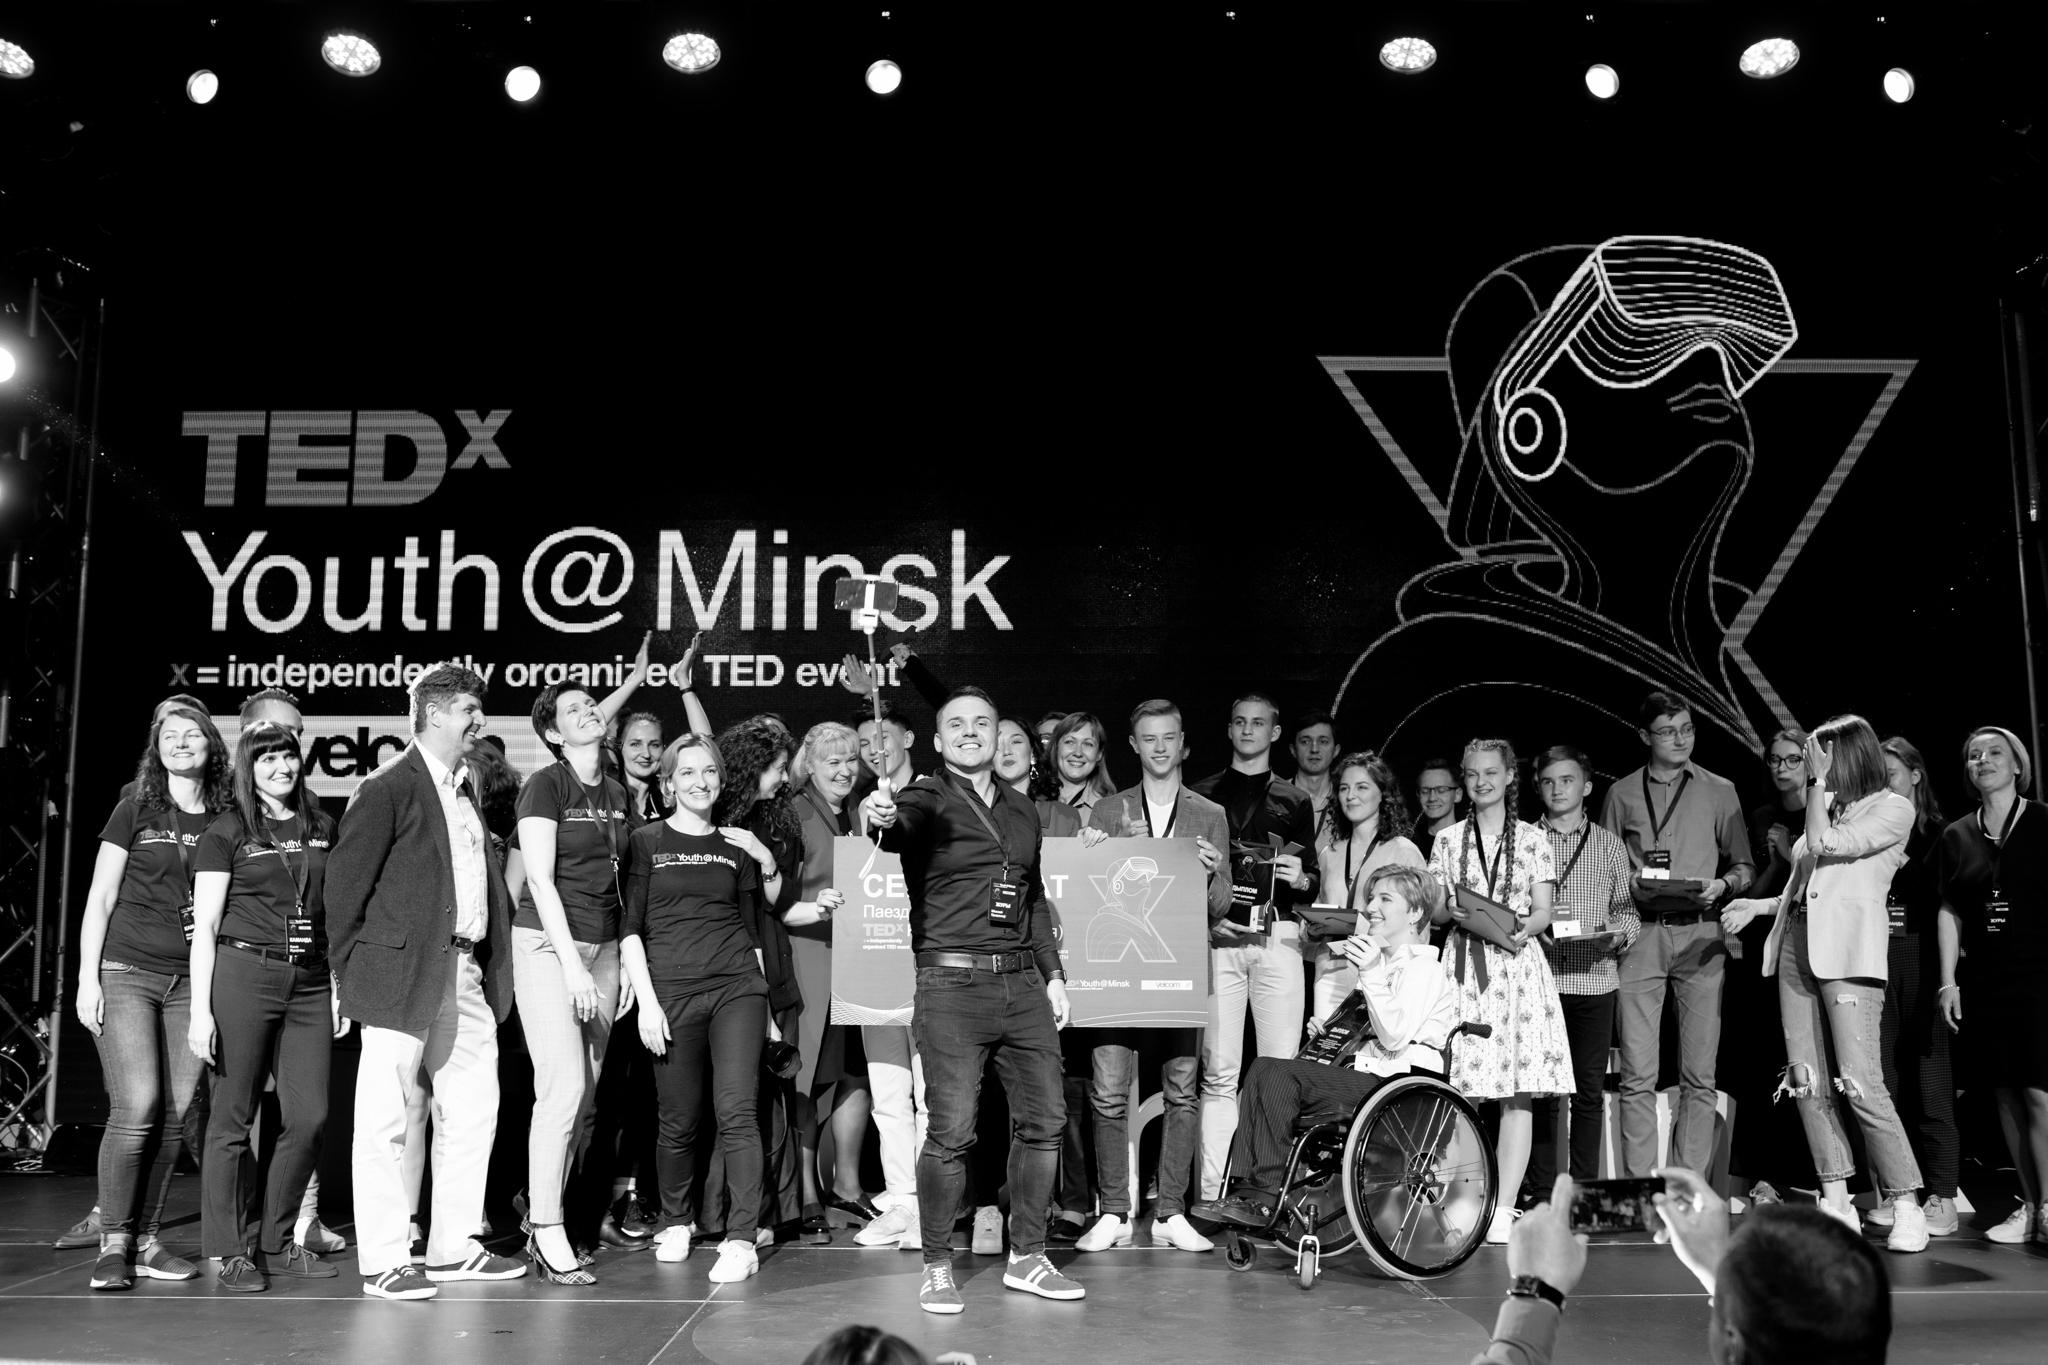 Социально-образовательный проект velcom YOUTH и конференция TEDxYouth@Minsk